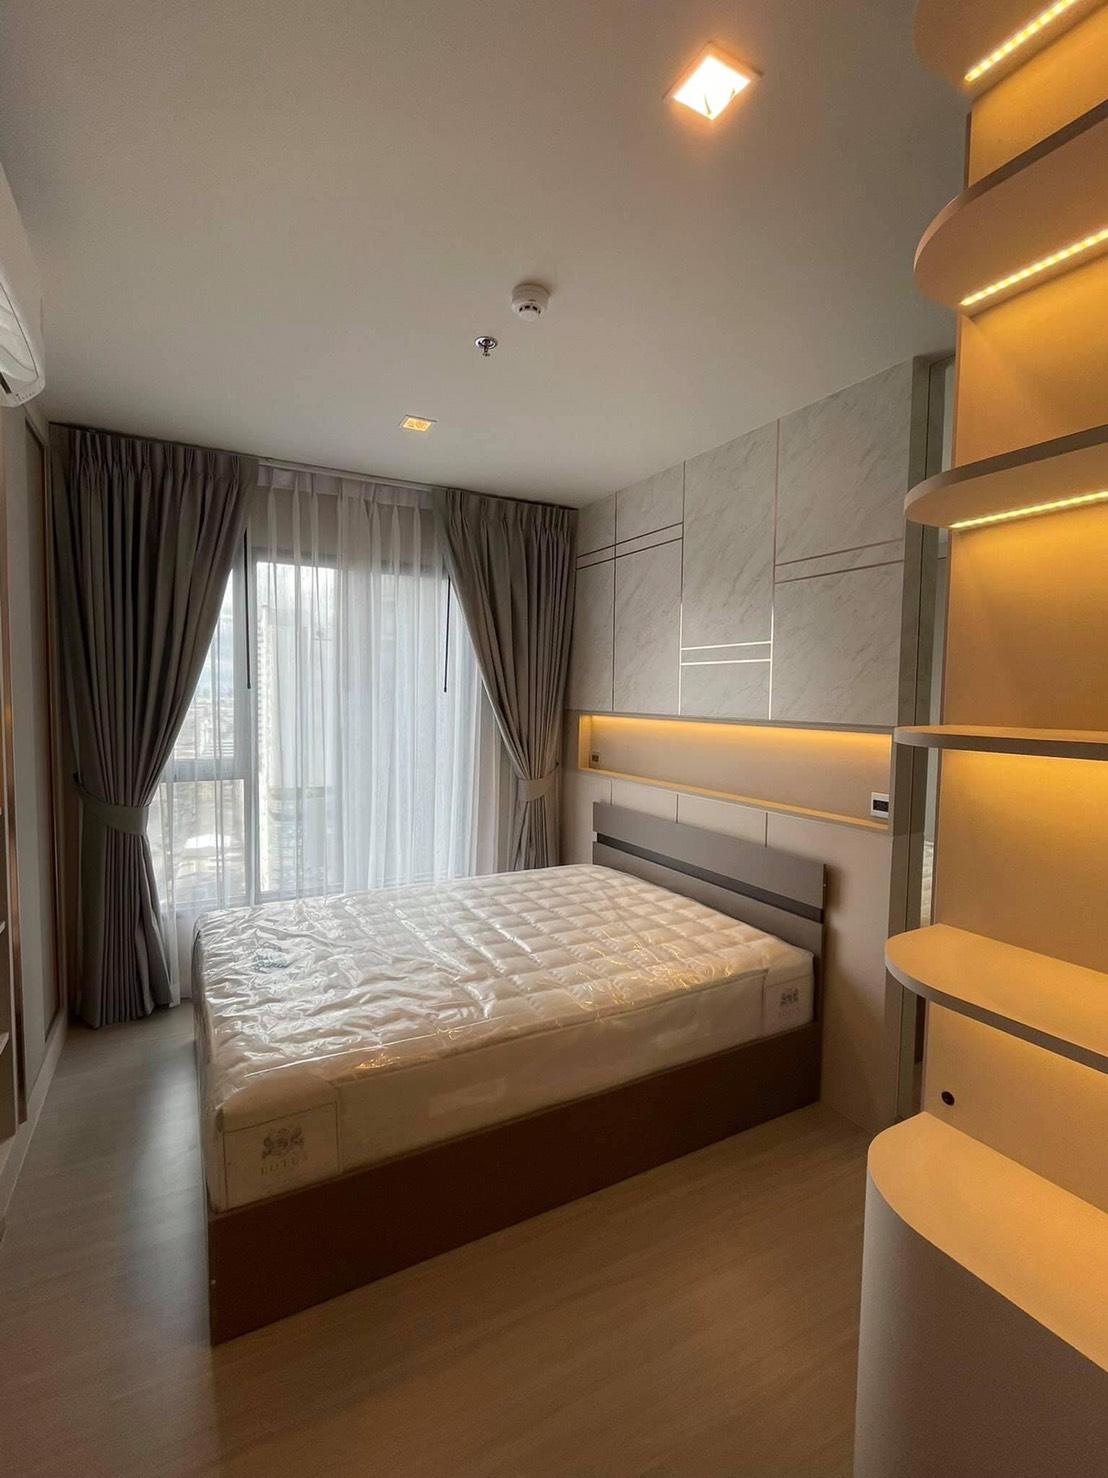 Life Asoke-Rama 9 for Rent – MRT Phra Ram 9 300 meters – Unit 32 Sq.m